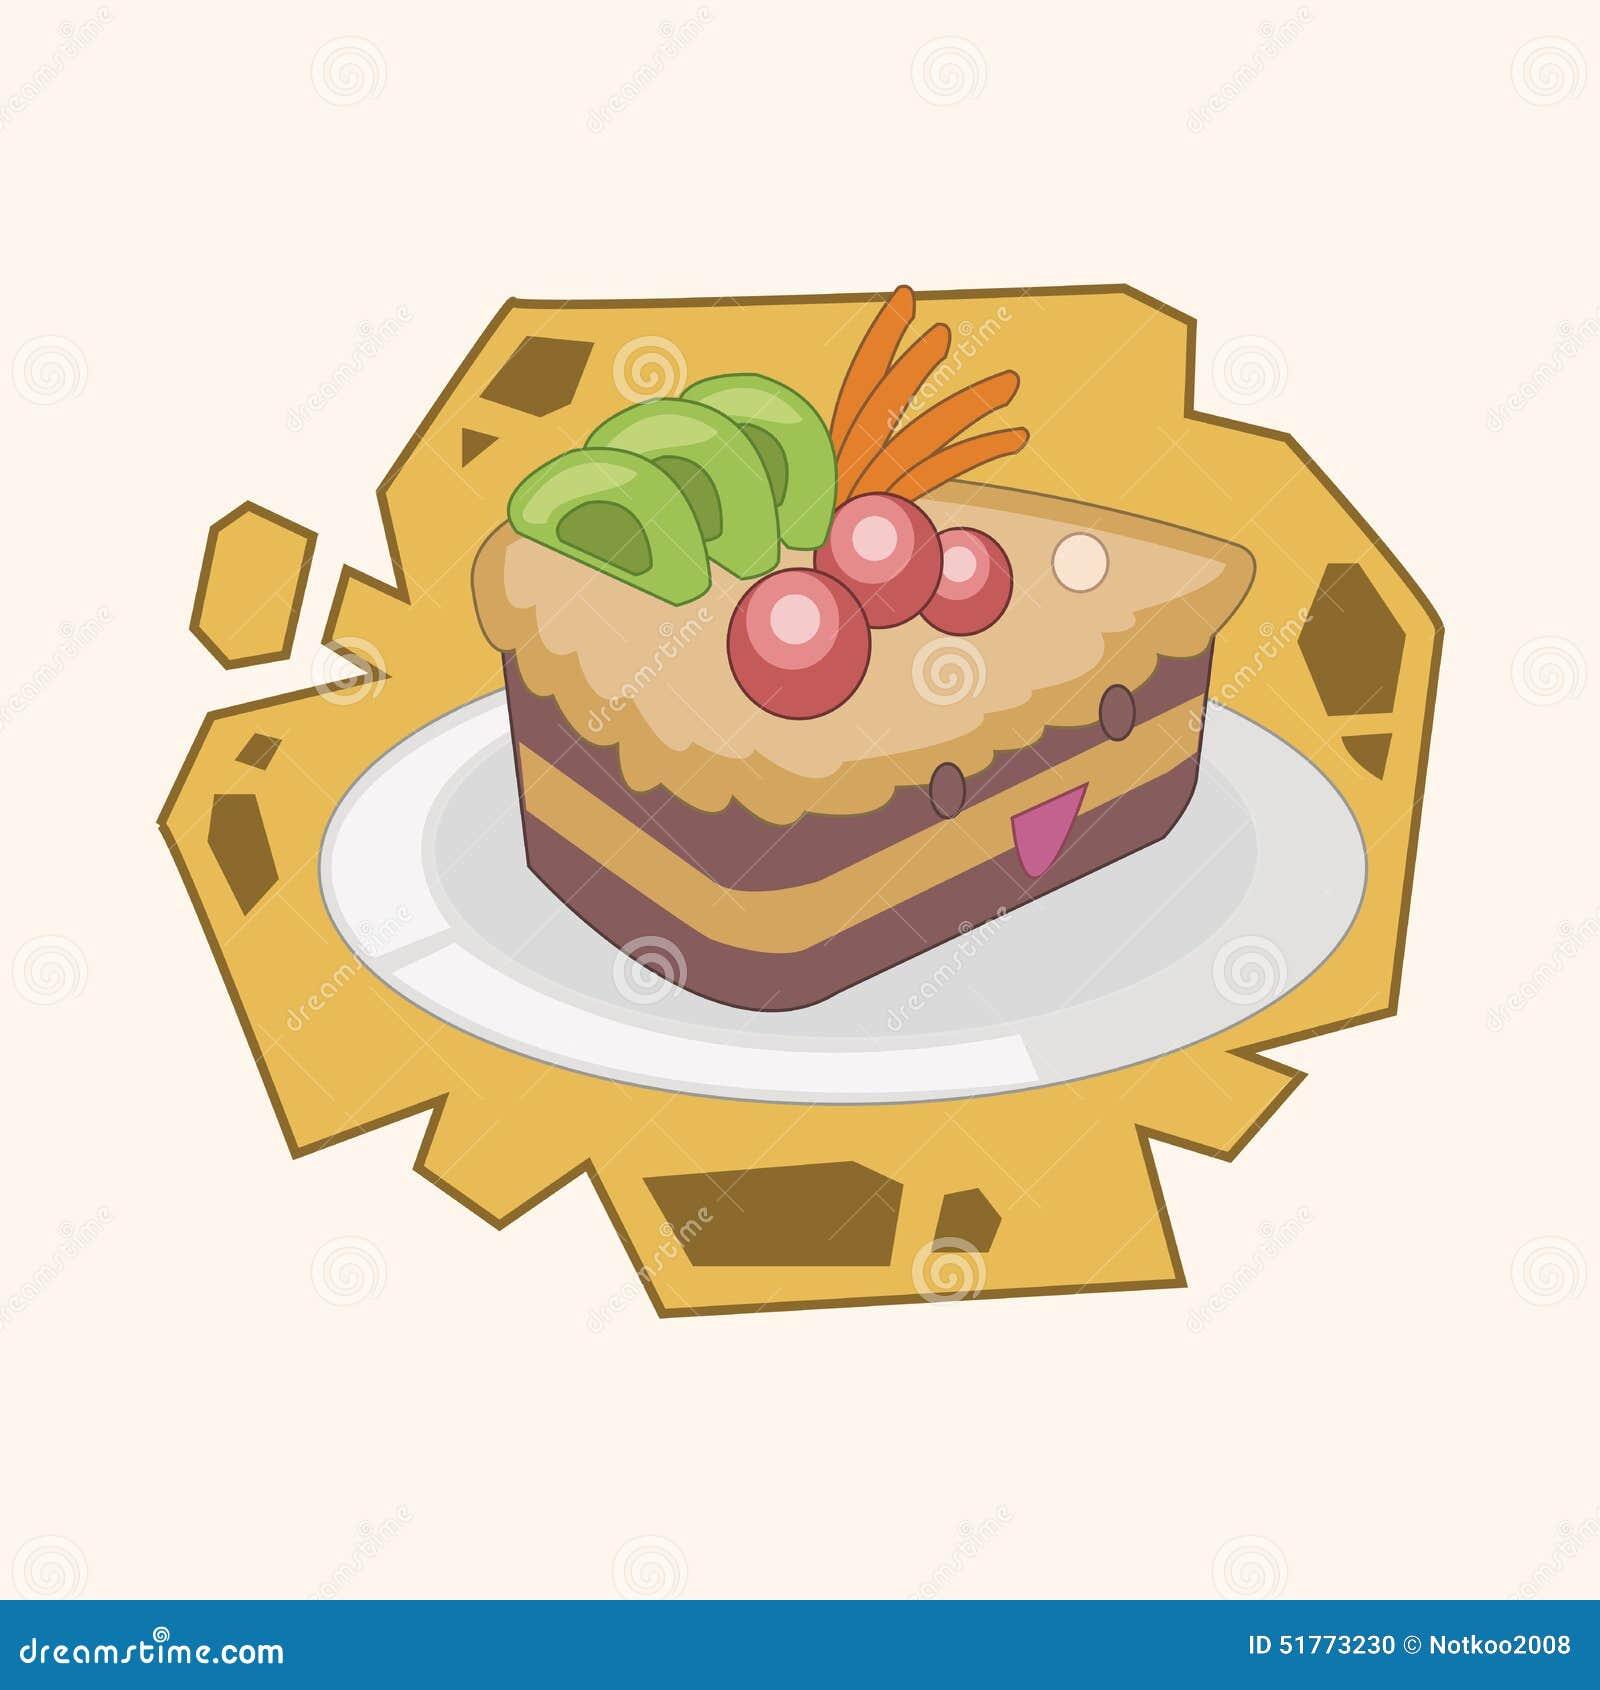 How To Make A Portfolio For Cake Decorating